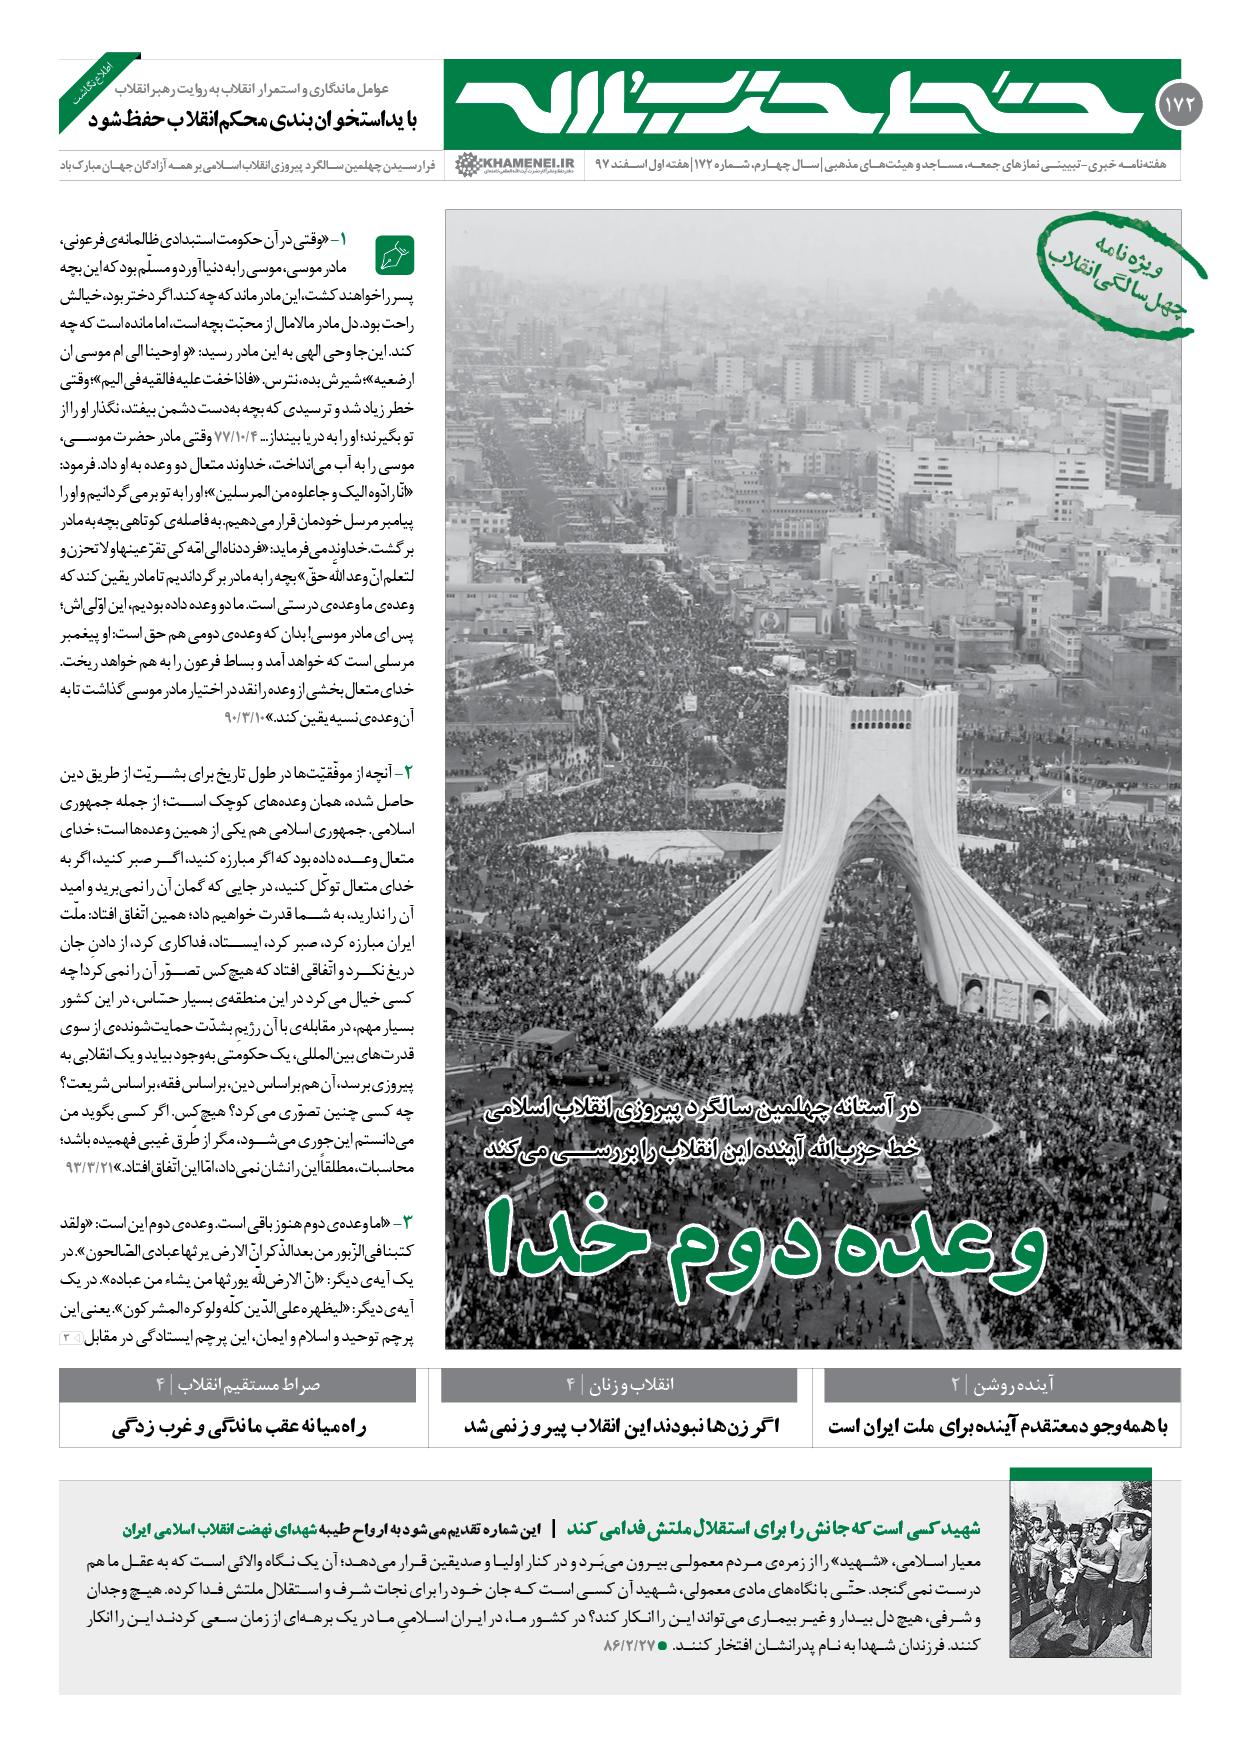 خط حزبالله ۱۷۲| وعده دوم خدا